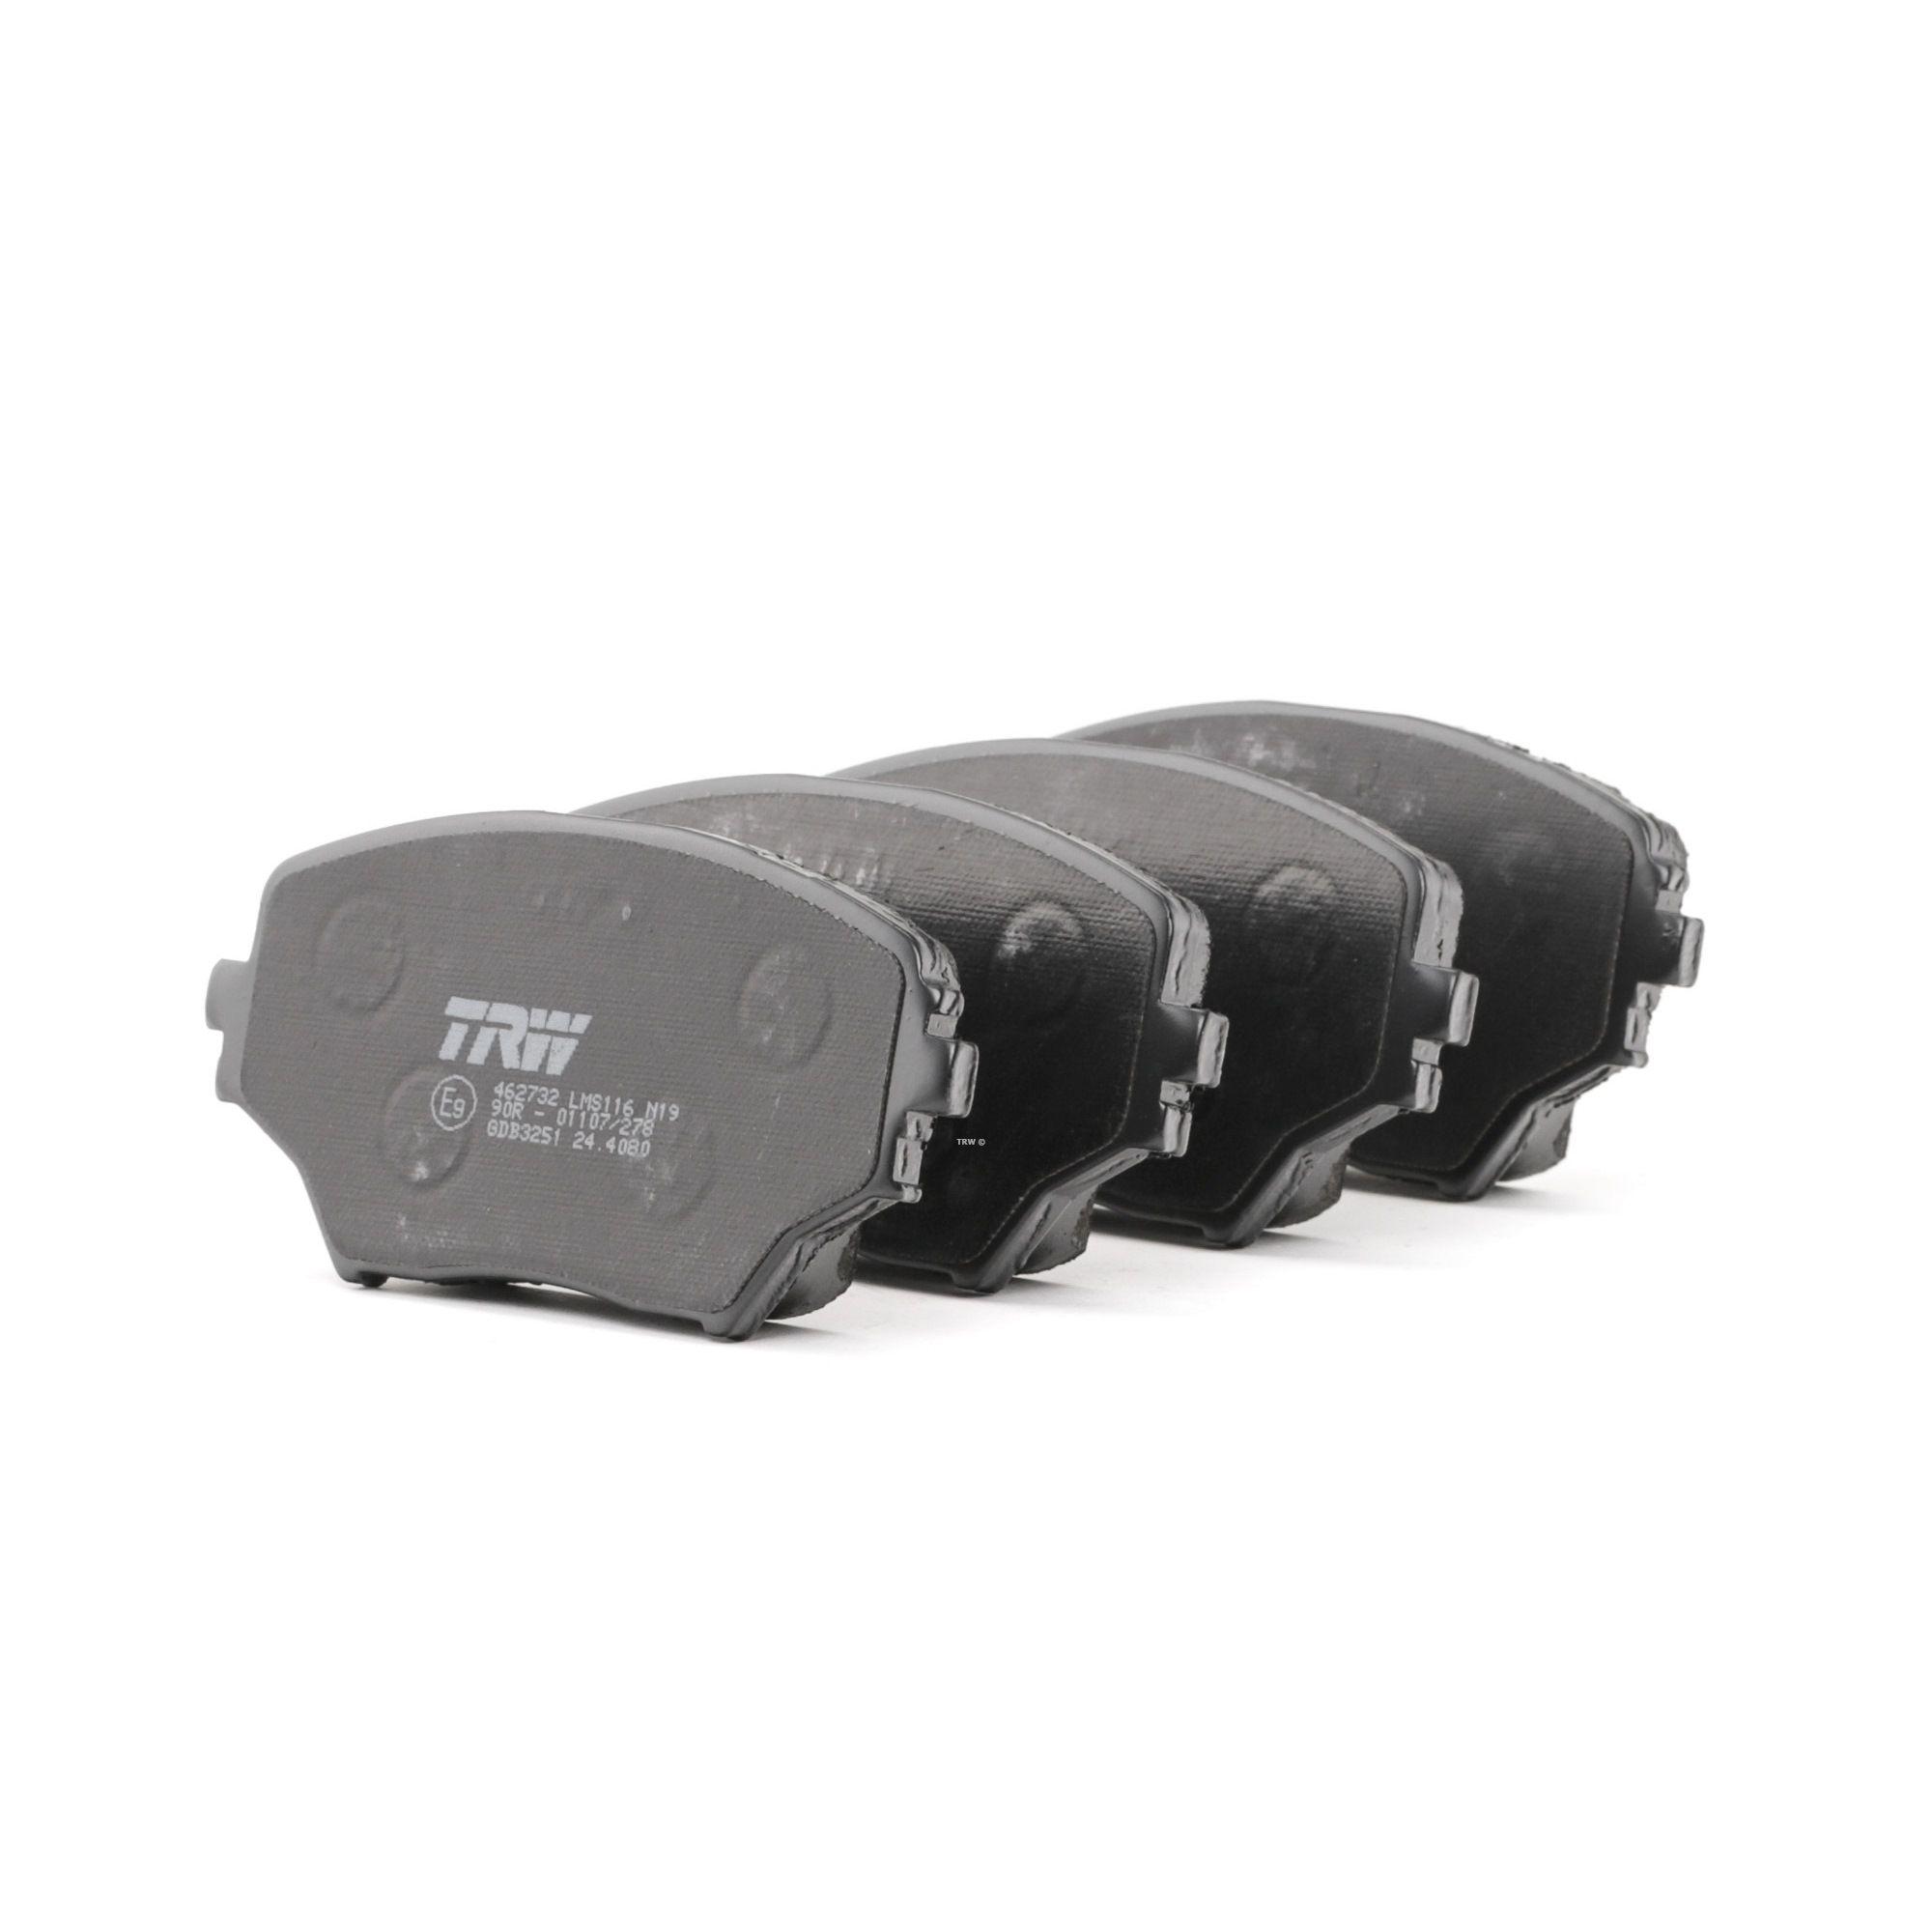 Kit pastiglie freno GDB3251 con un ottimo rapporto TRW qualità/prezzo